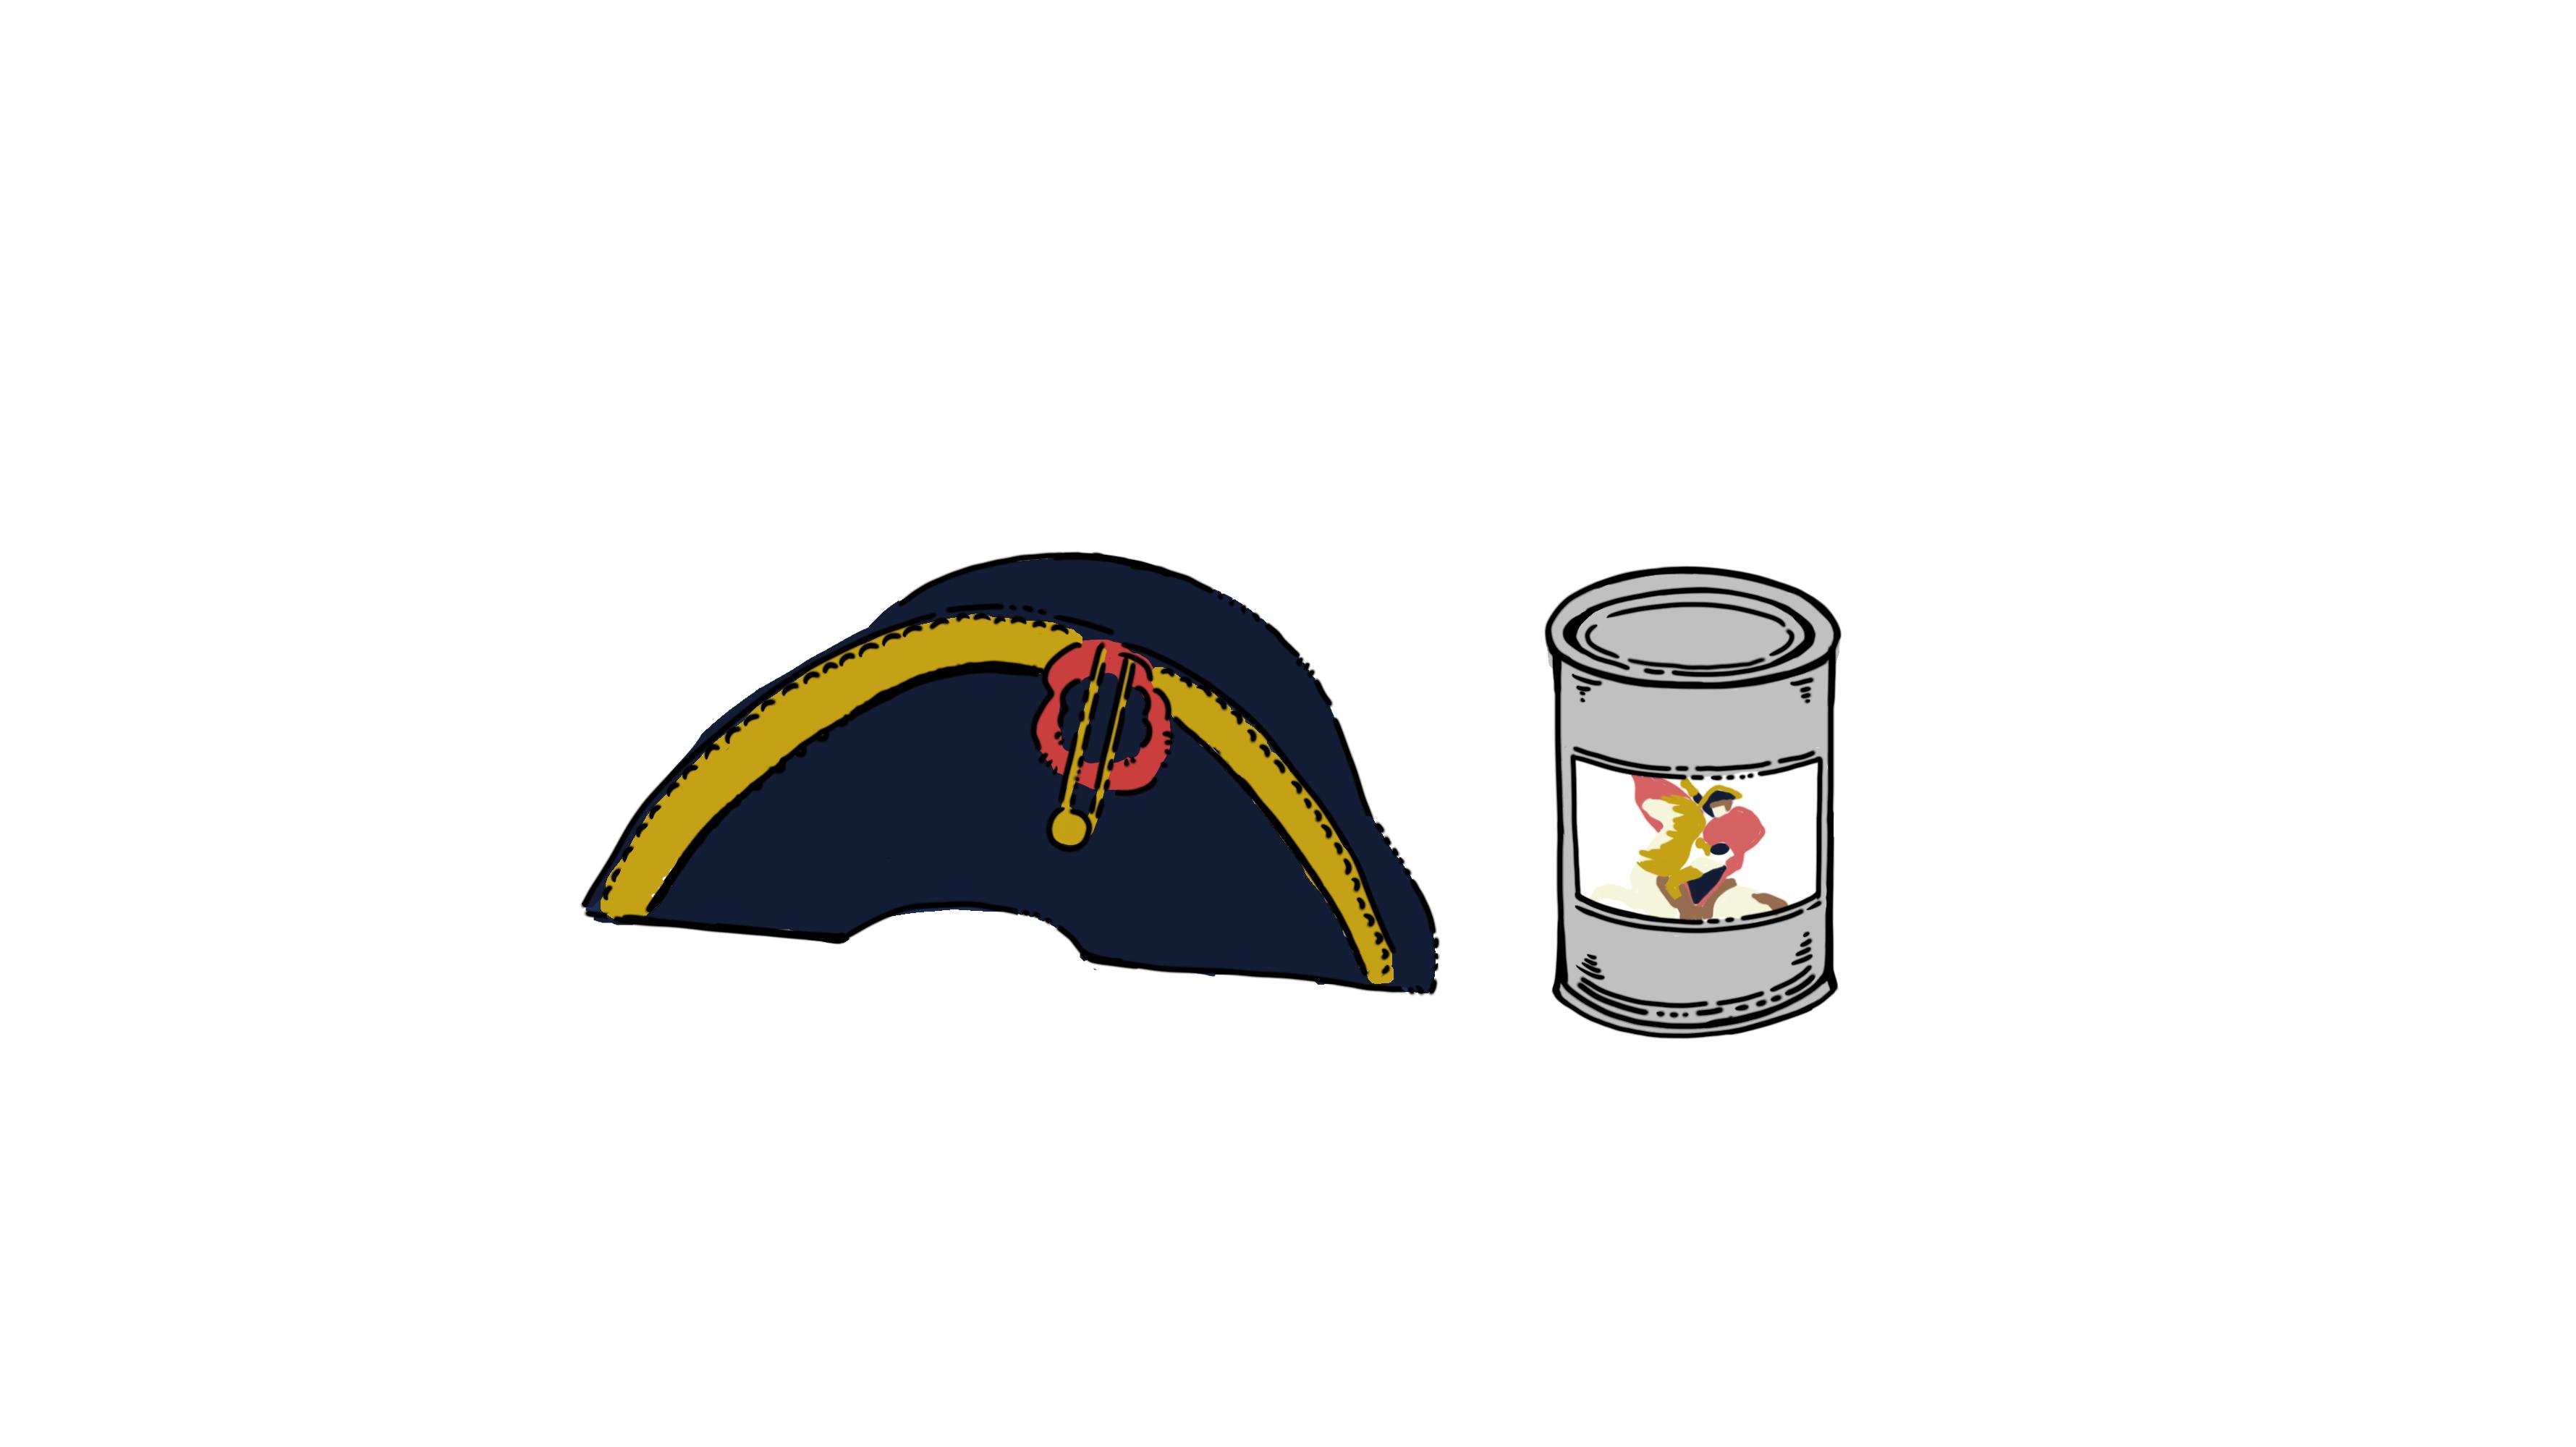 イラスト:ナポレオンの帽子と缶詰